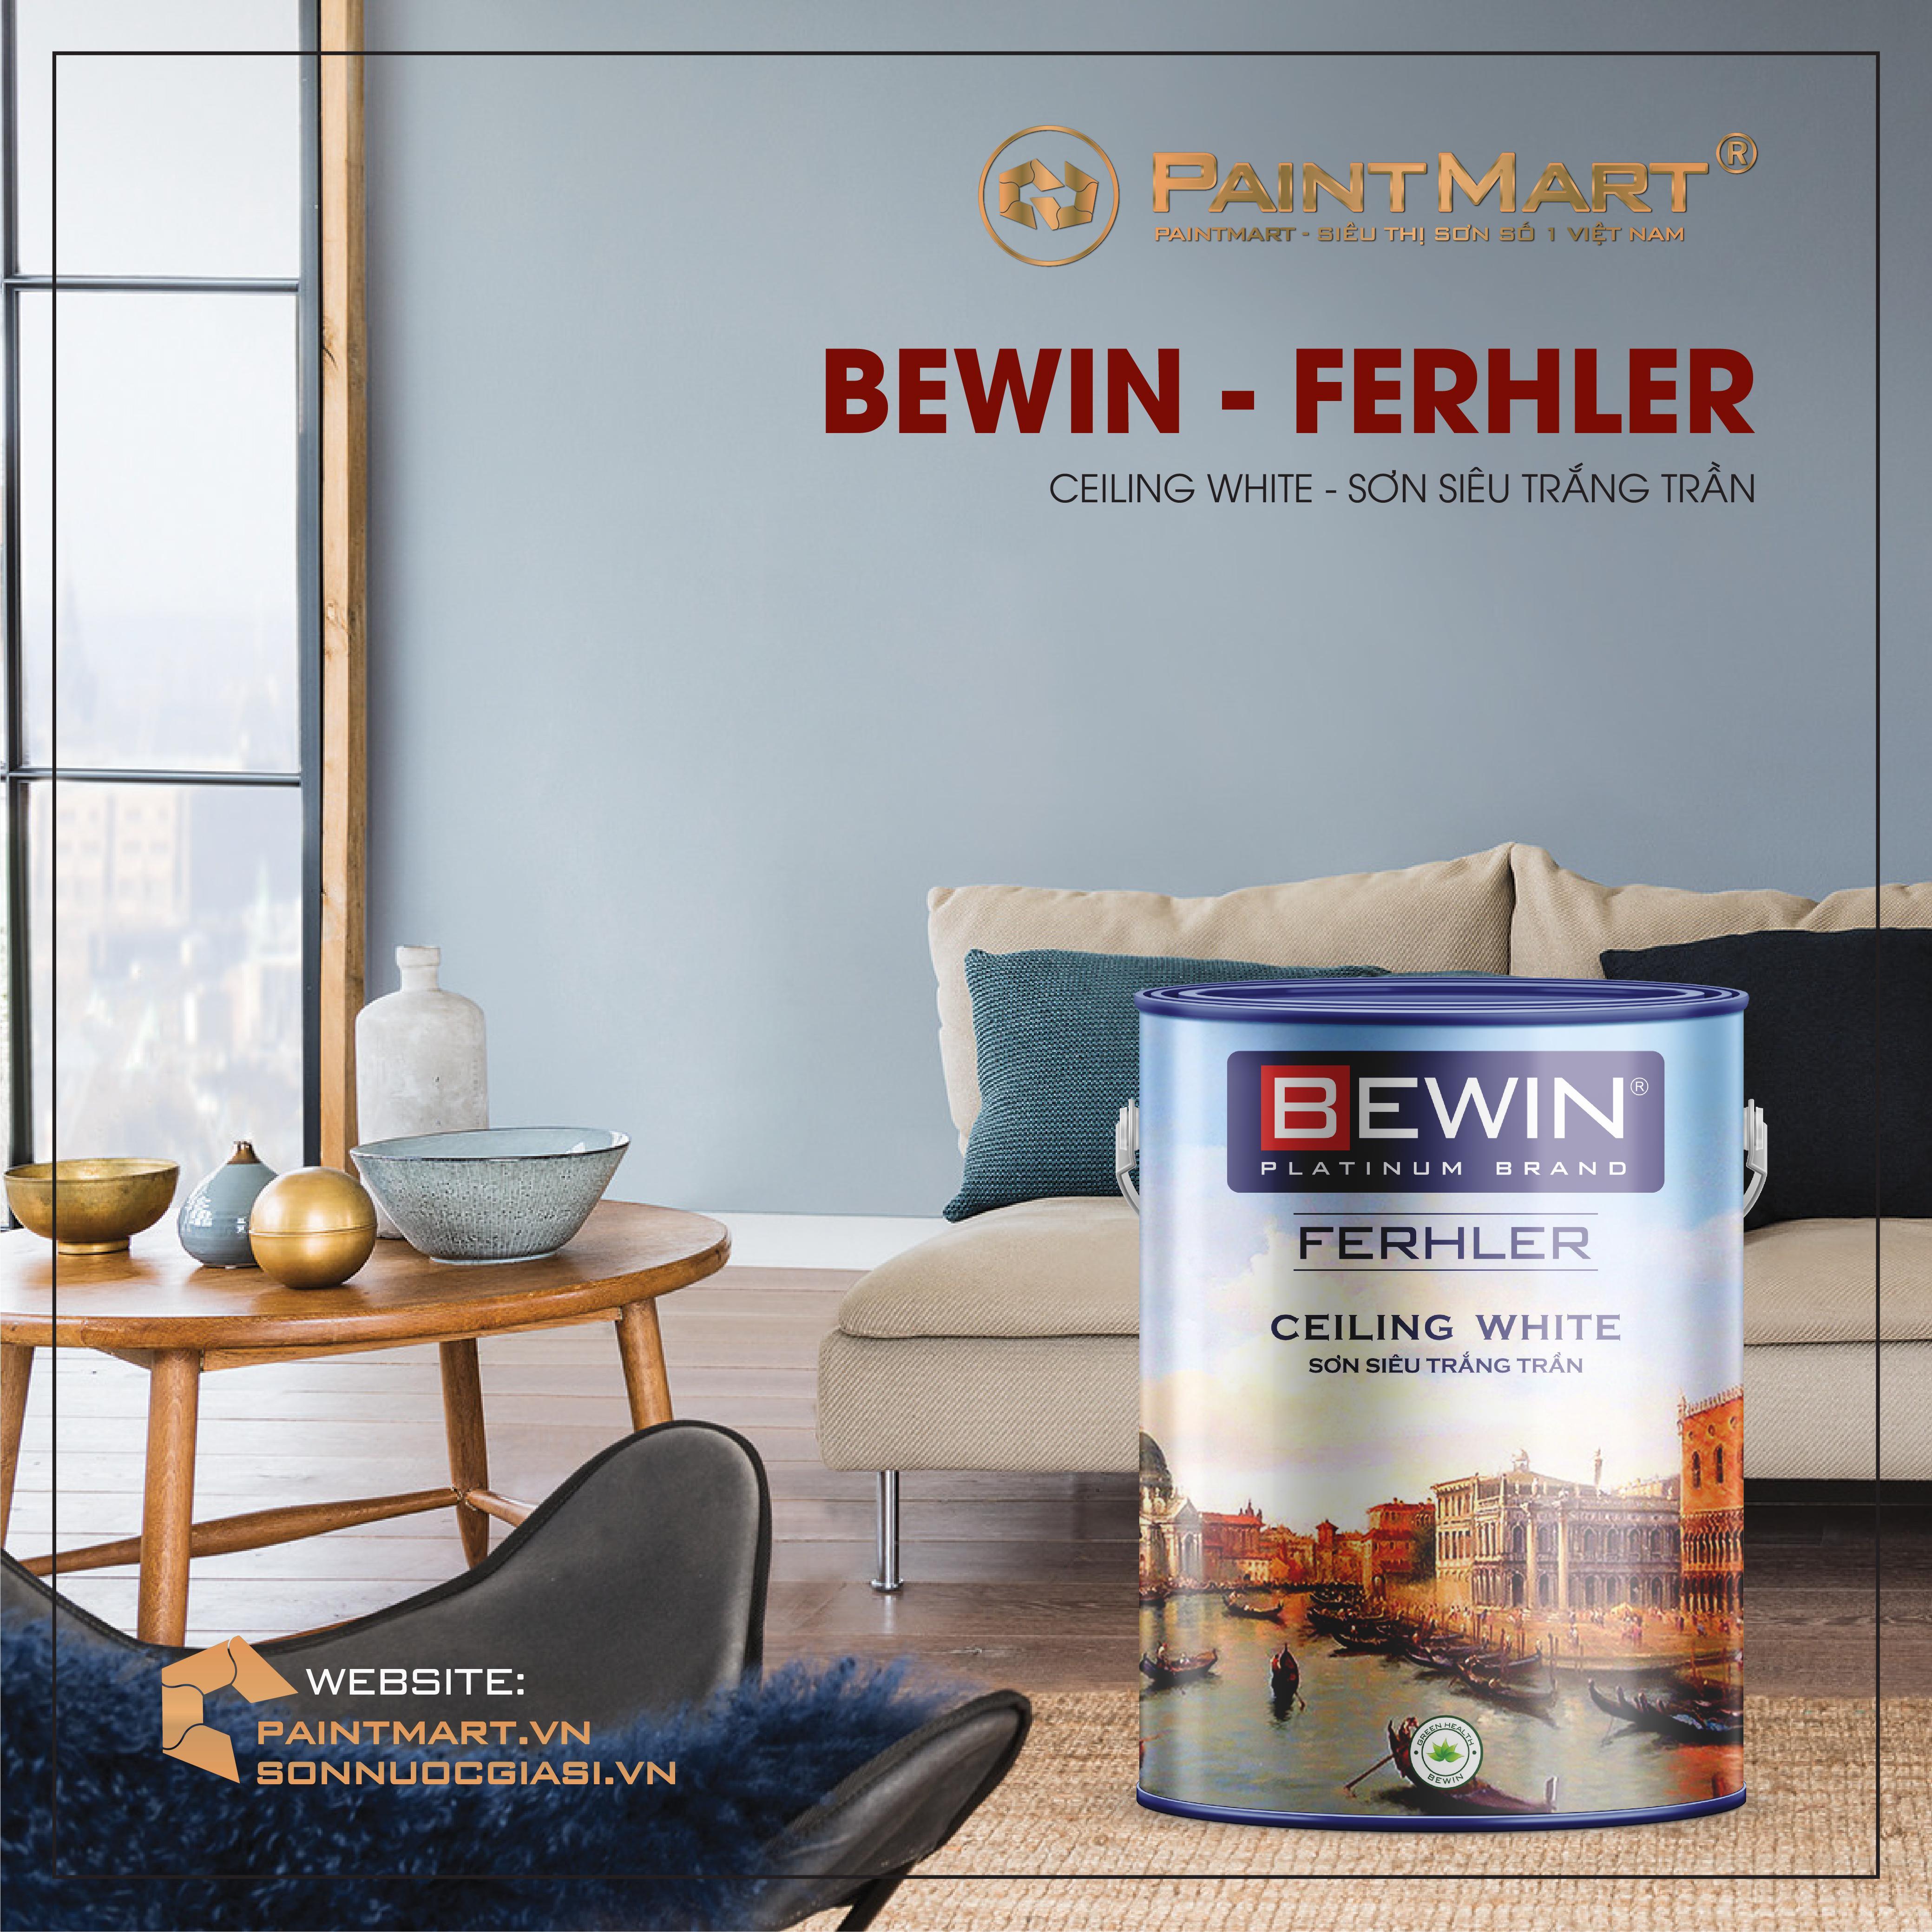 Sơn trắng trần chuyên biệt BEWIN - Ferhler CEILING WHITE